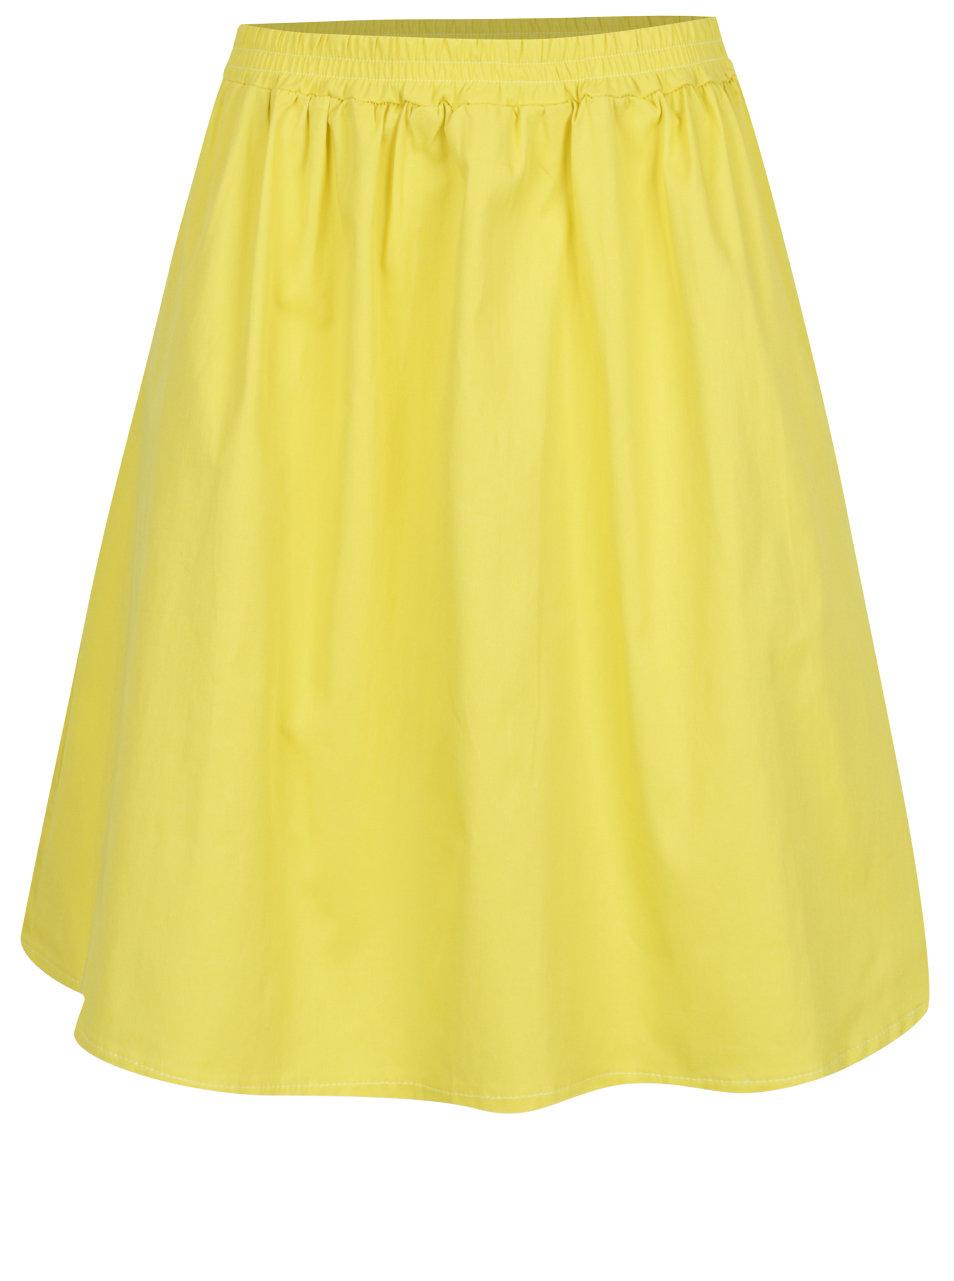 Žlutá sukně s kapsami ZOOT ... b86a6cf4c1